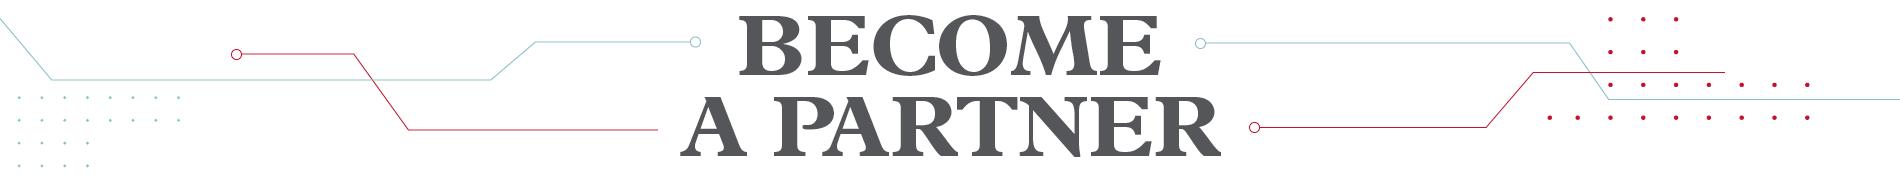 Cornell Fintech Heading: Become A Partner